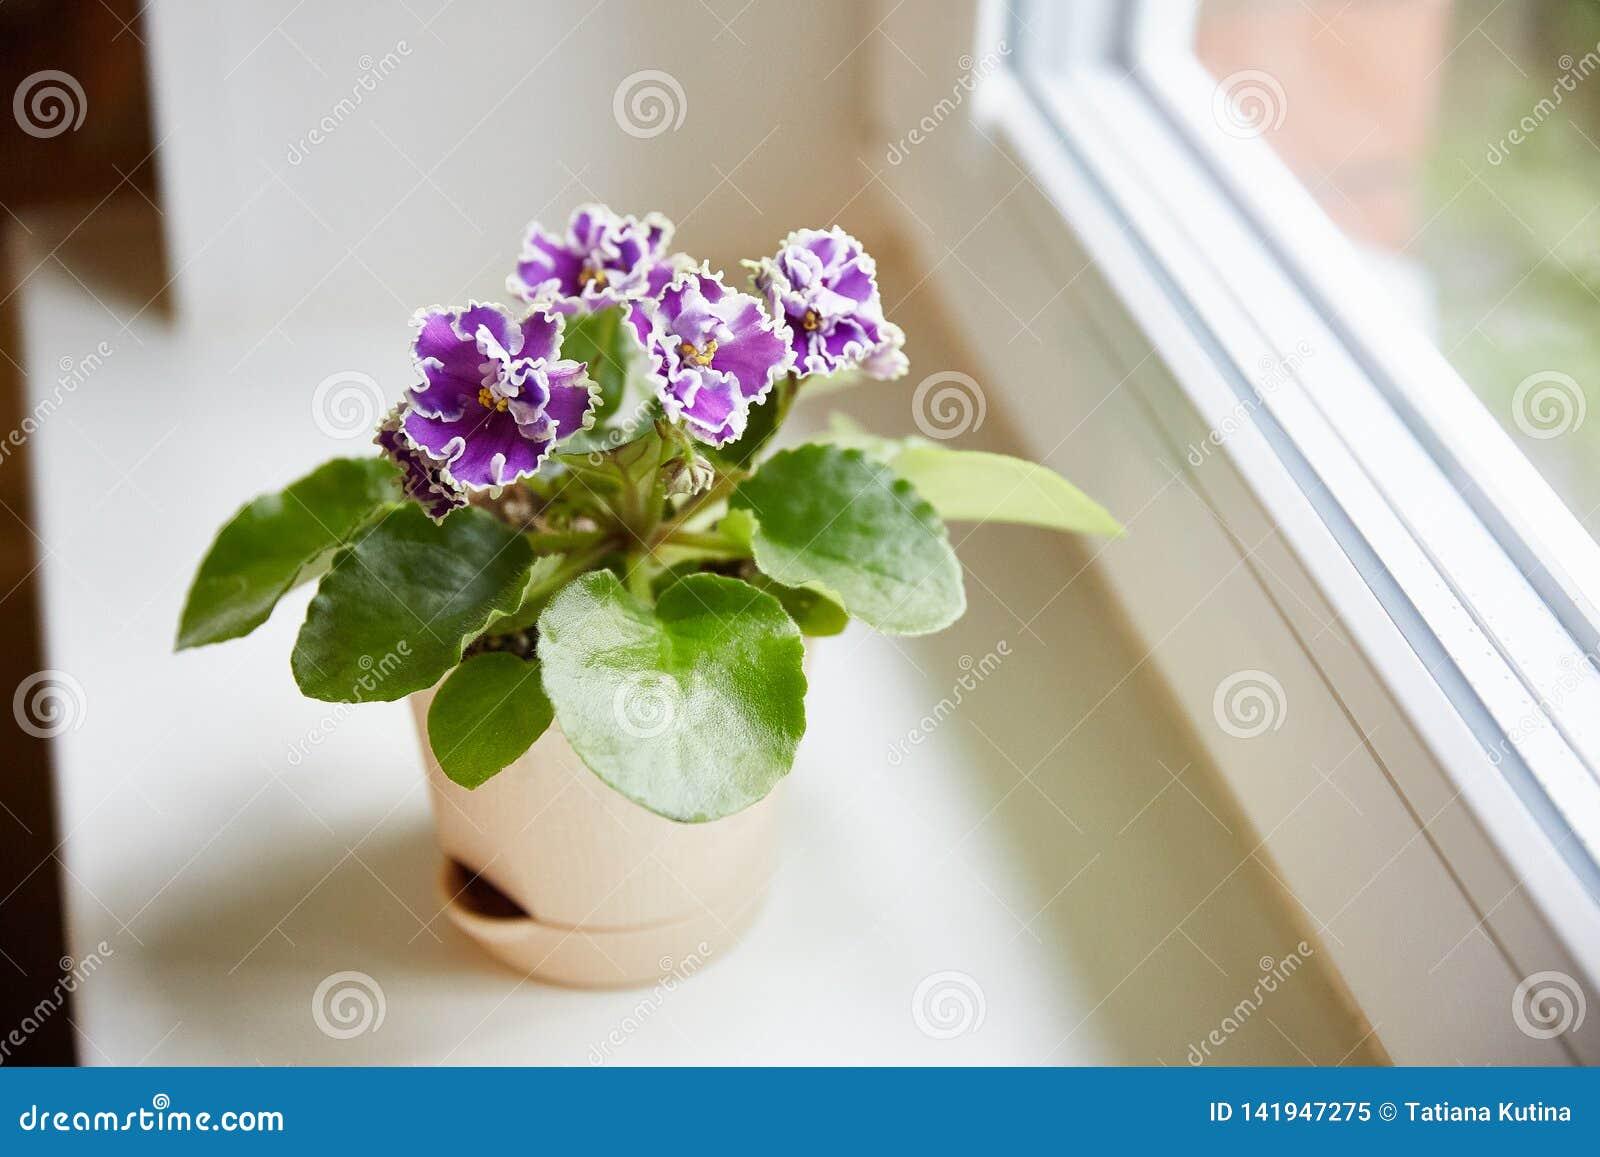 Purpul Afrikaanse saintpaulia op het venster